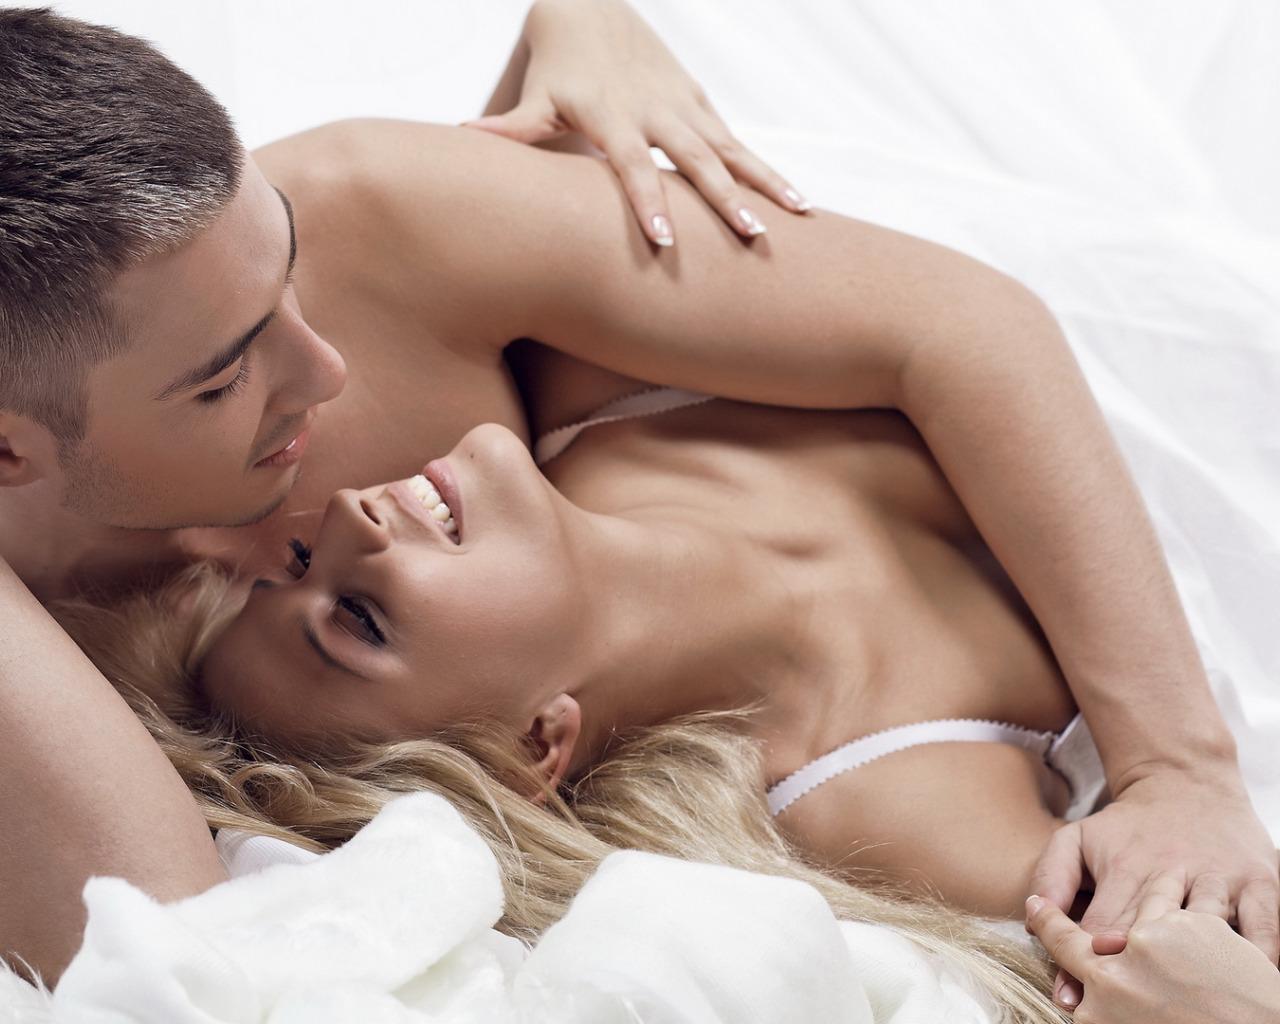 strastniy-seks-posle-progulki-onlayn-nezabivaemiy-utrenniy-seks-v-posteli